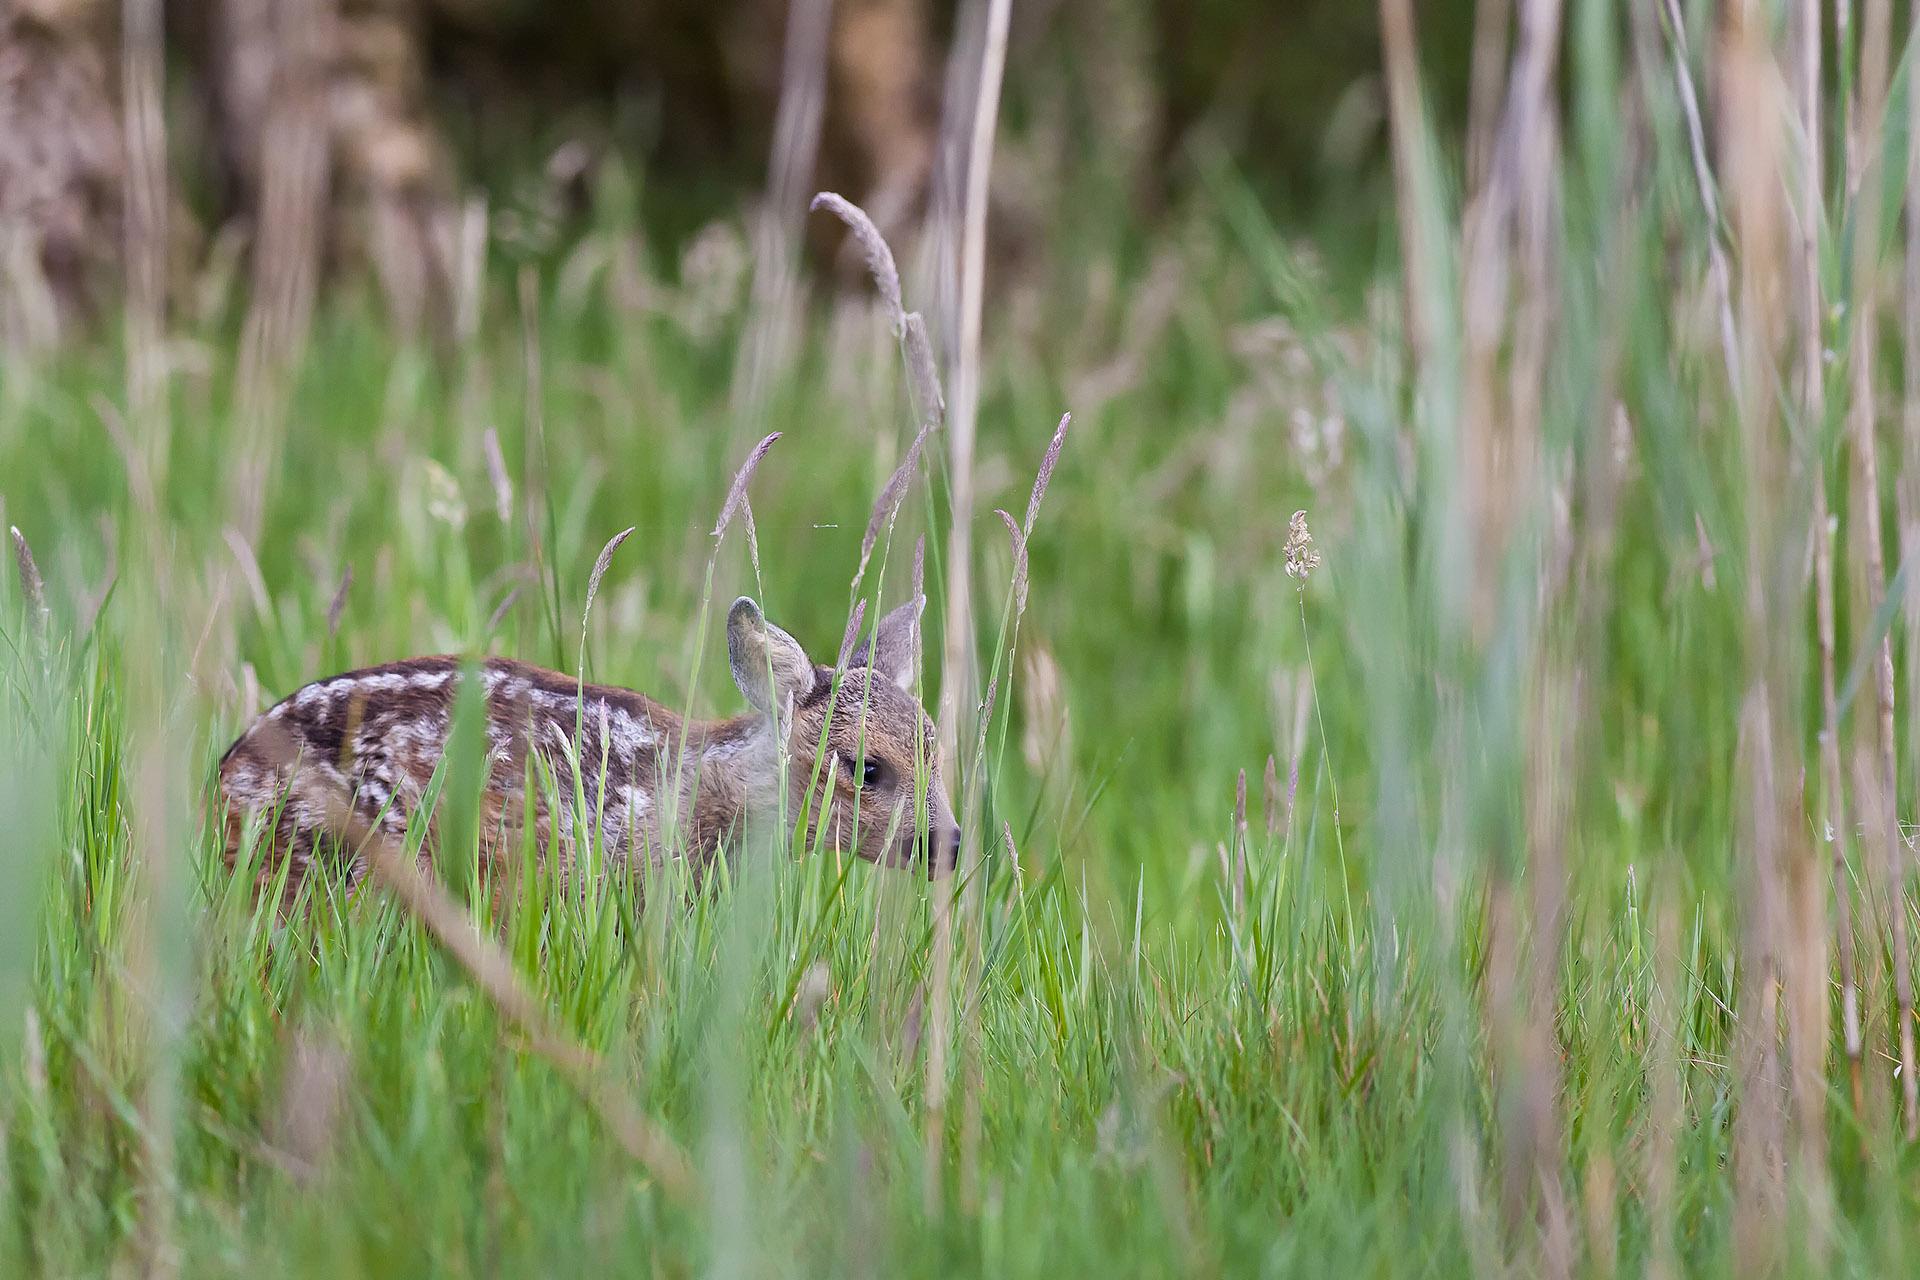 Reekalfje in het hoge gras, newborn roe deer hides between the grass